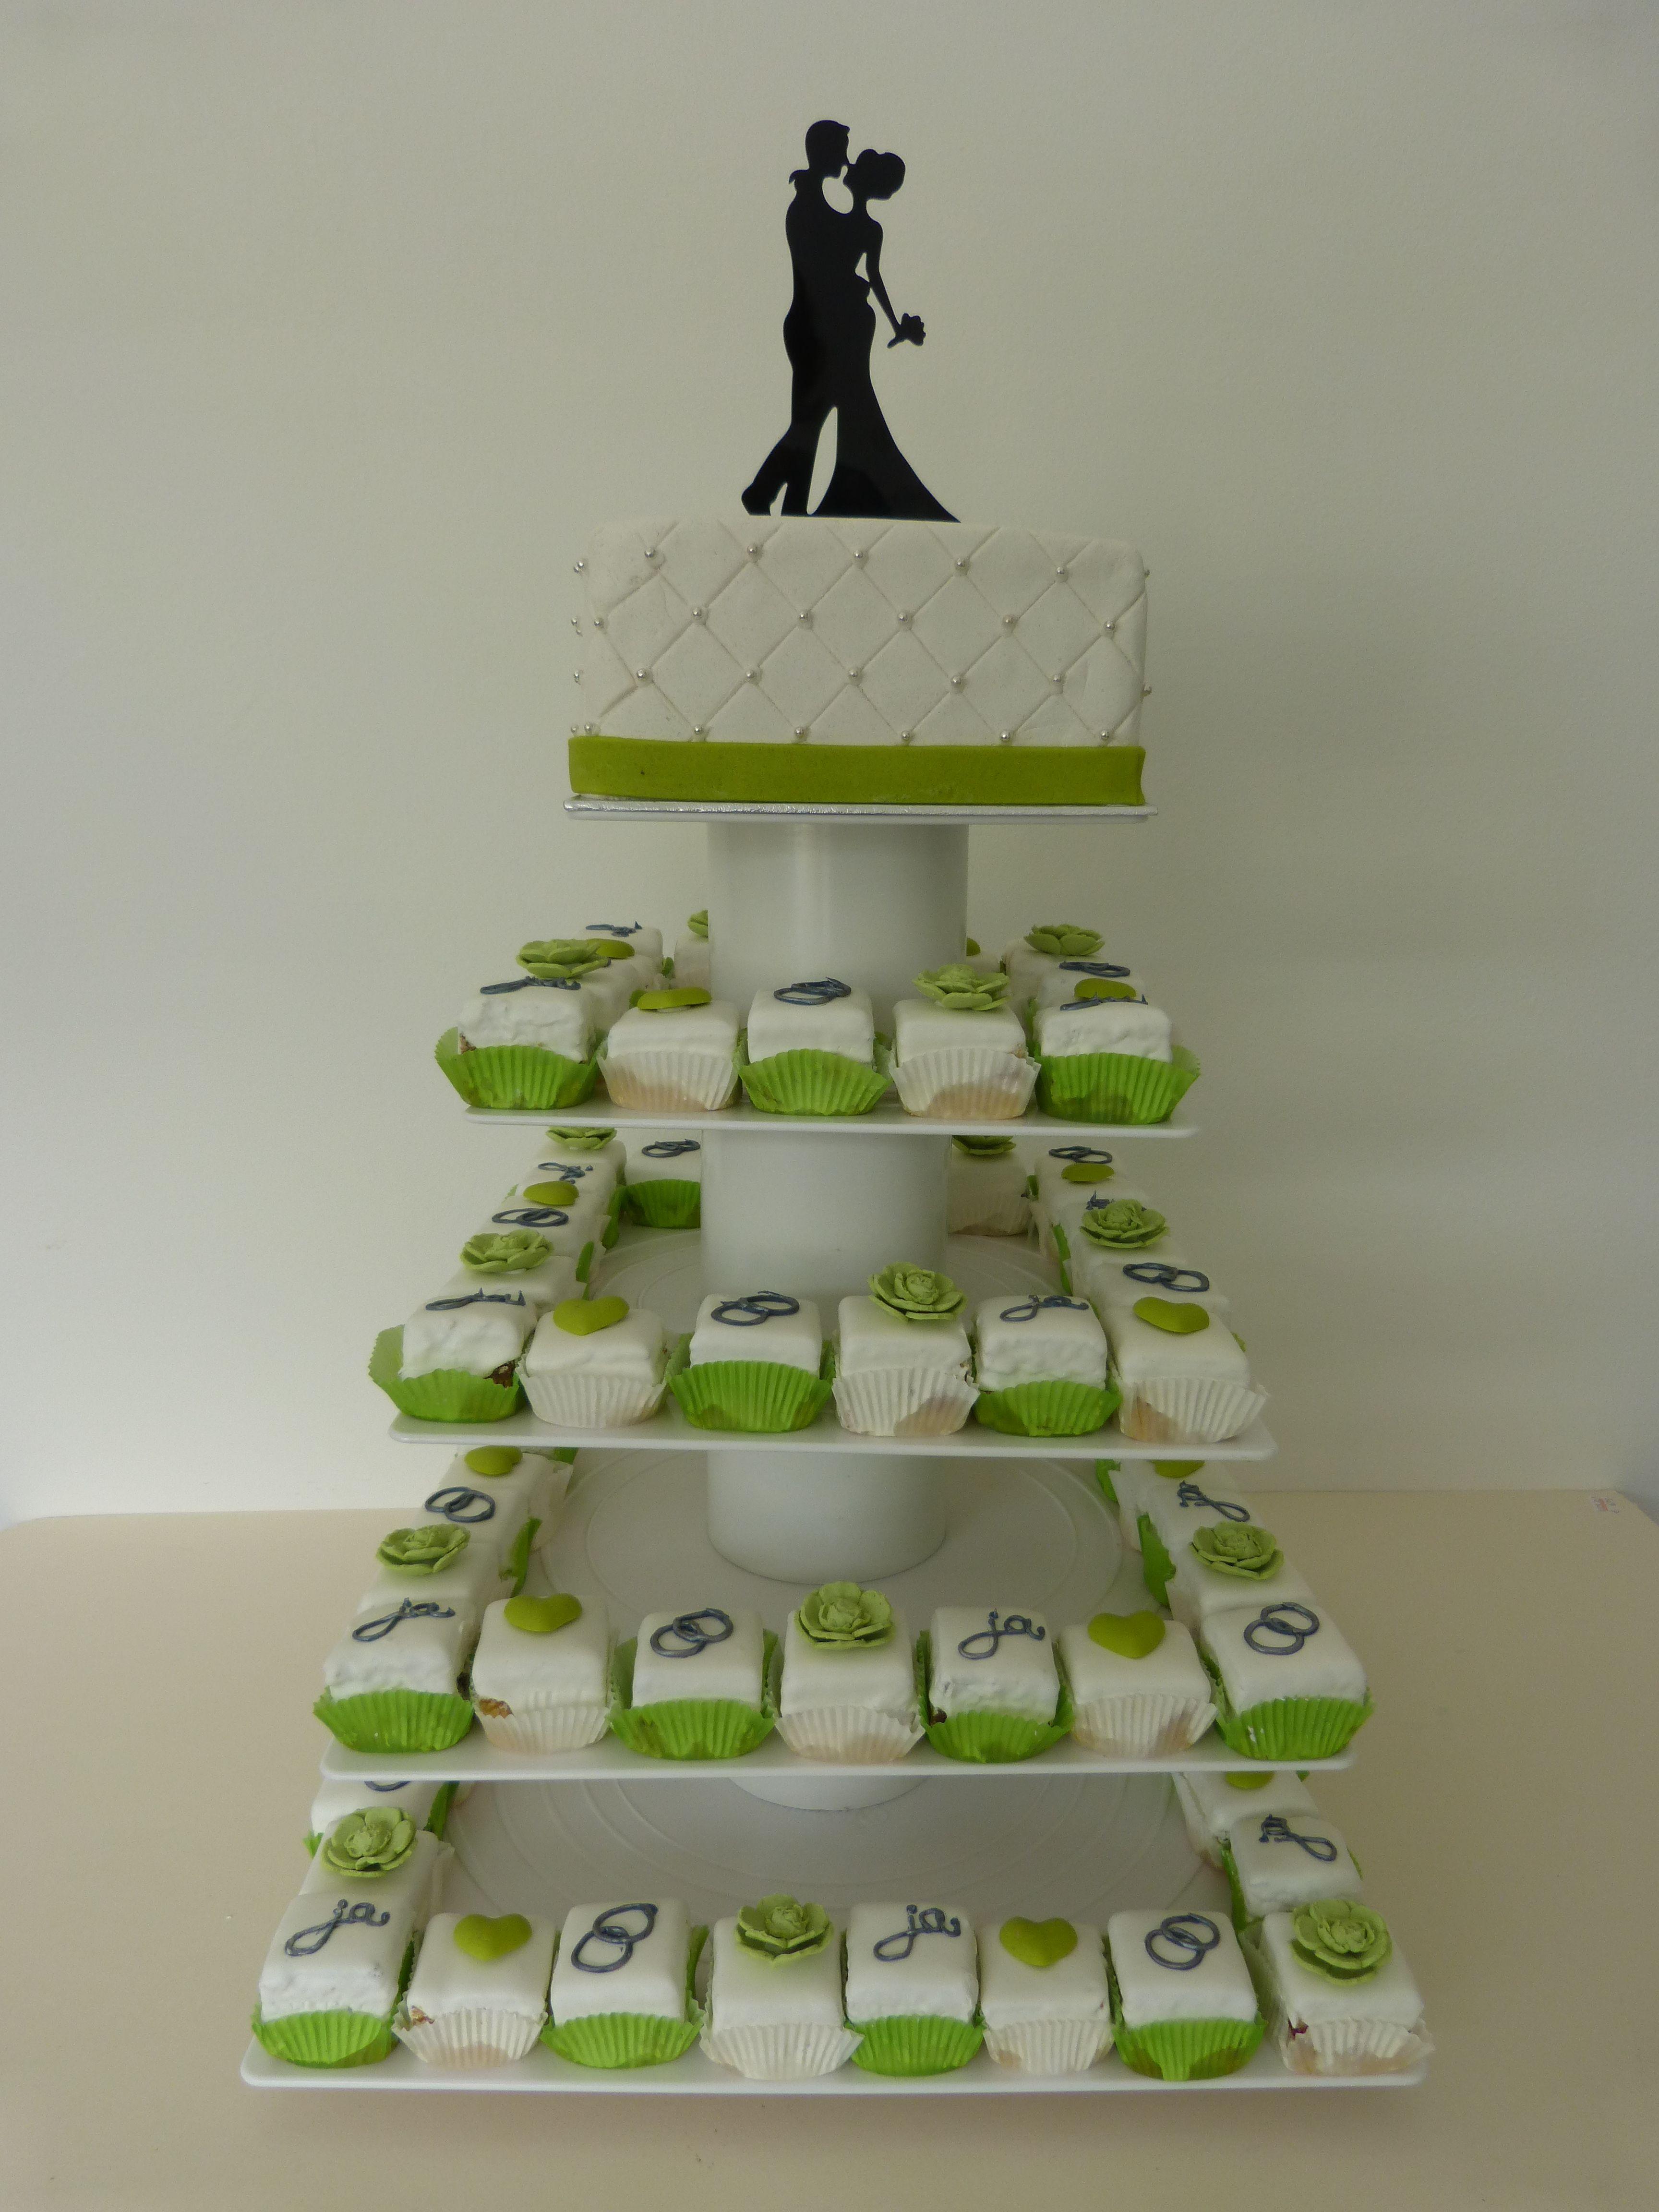 cake cube wedding cake konz niedermennig hochzeit modern petit fours hochzeitstorte. Black Bedroom Furniture Sets. Home Design Ideas